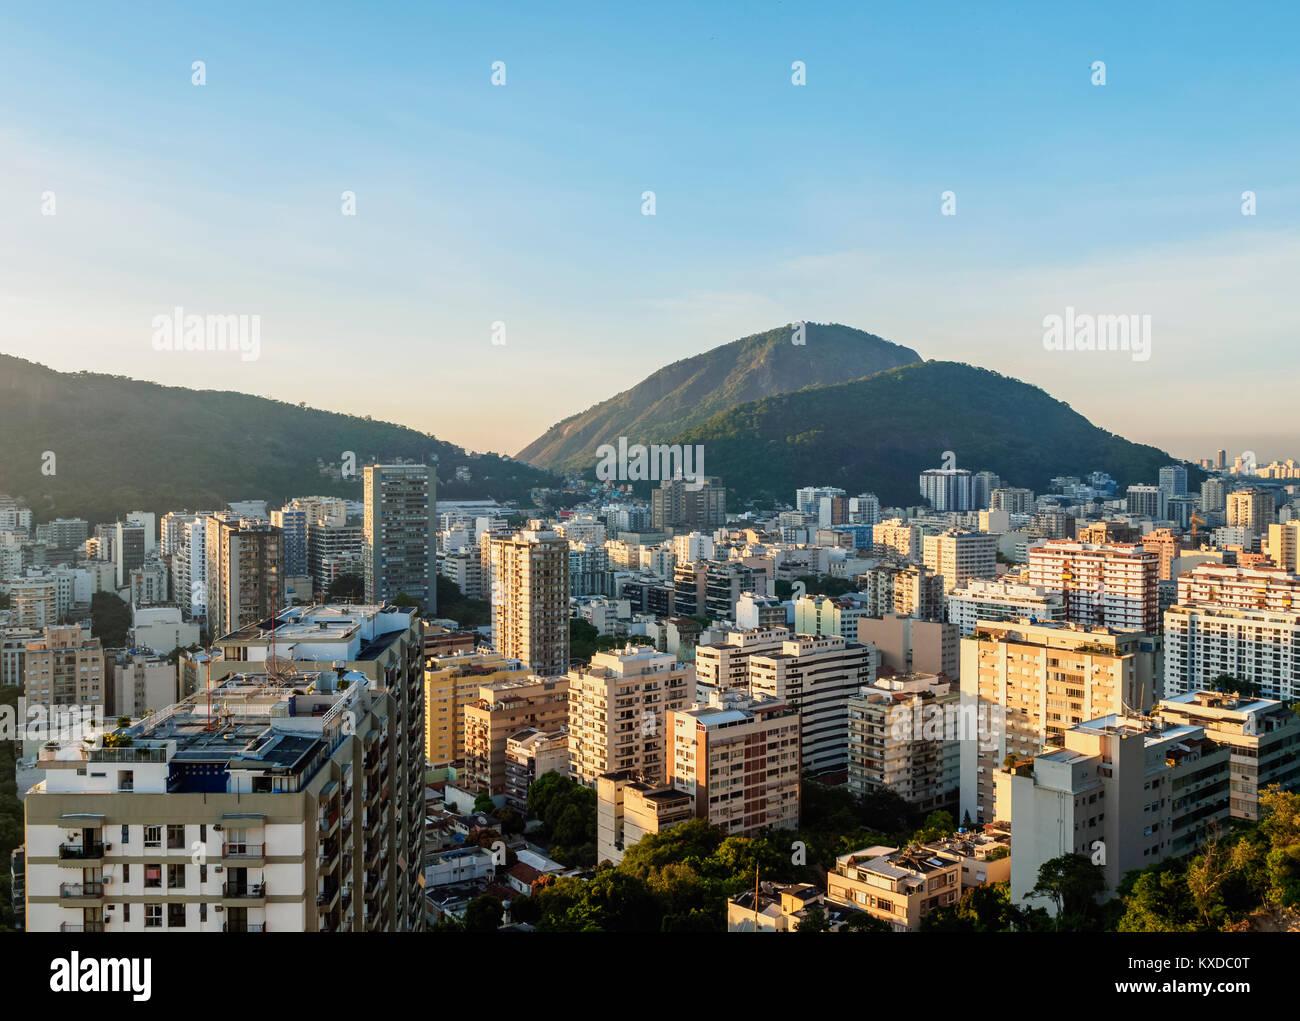 Botafogo and Humaita Neighbourhoods, Rio de Janeiro, Brazil - Stock Image